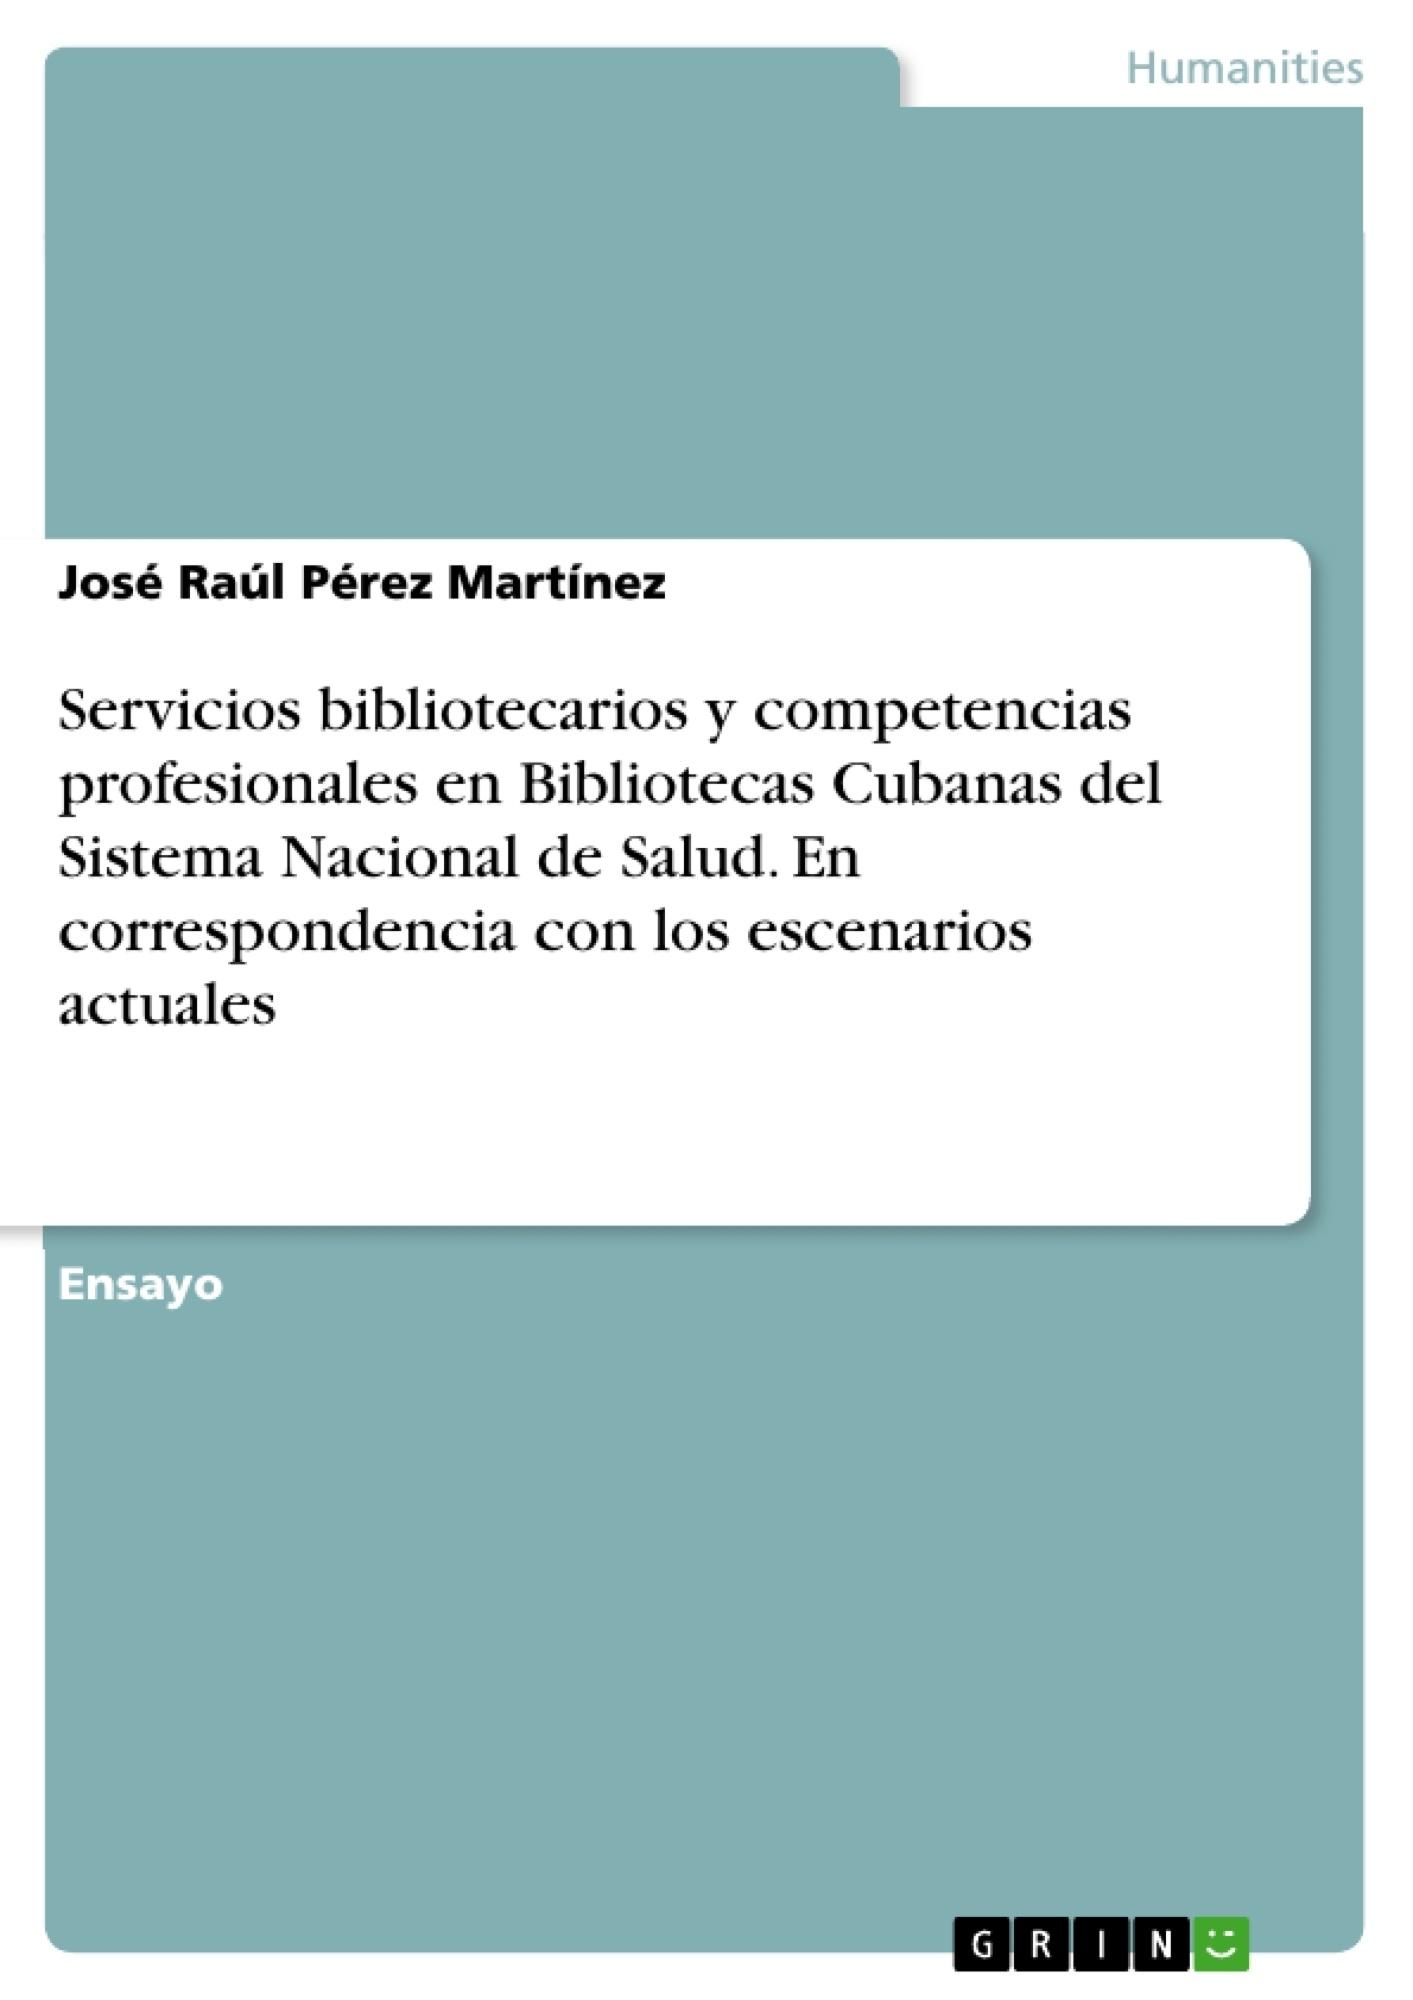 Título: Servicios bibliotecarios y competencias profesionales en Bibliotecas Cubanas del Sistema Nacional de Salud. En correspondencia con los escenarios actuales